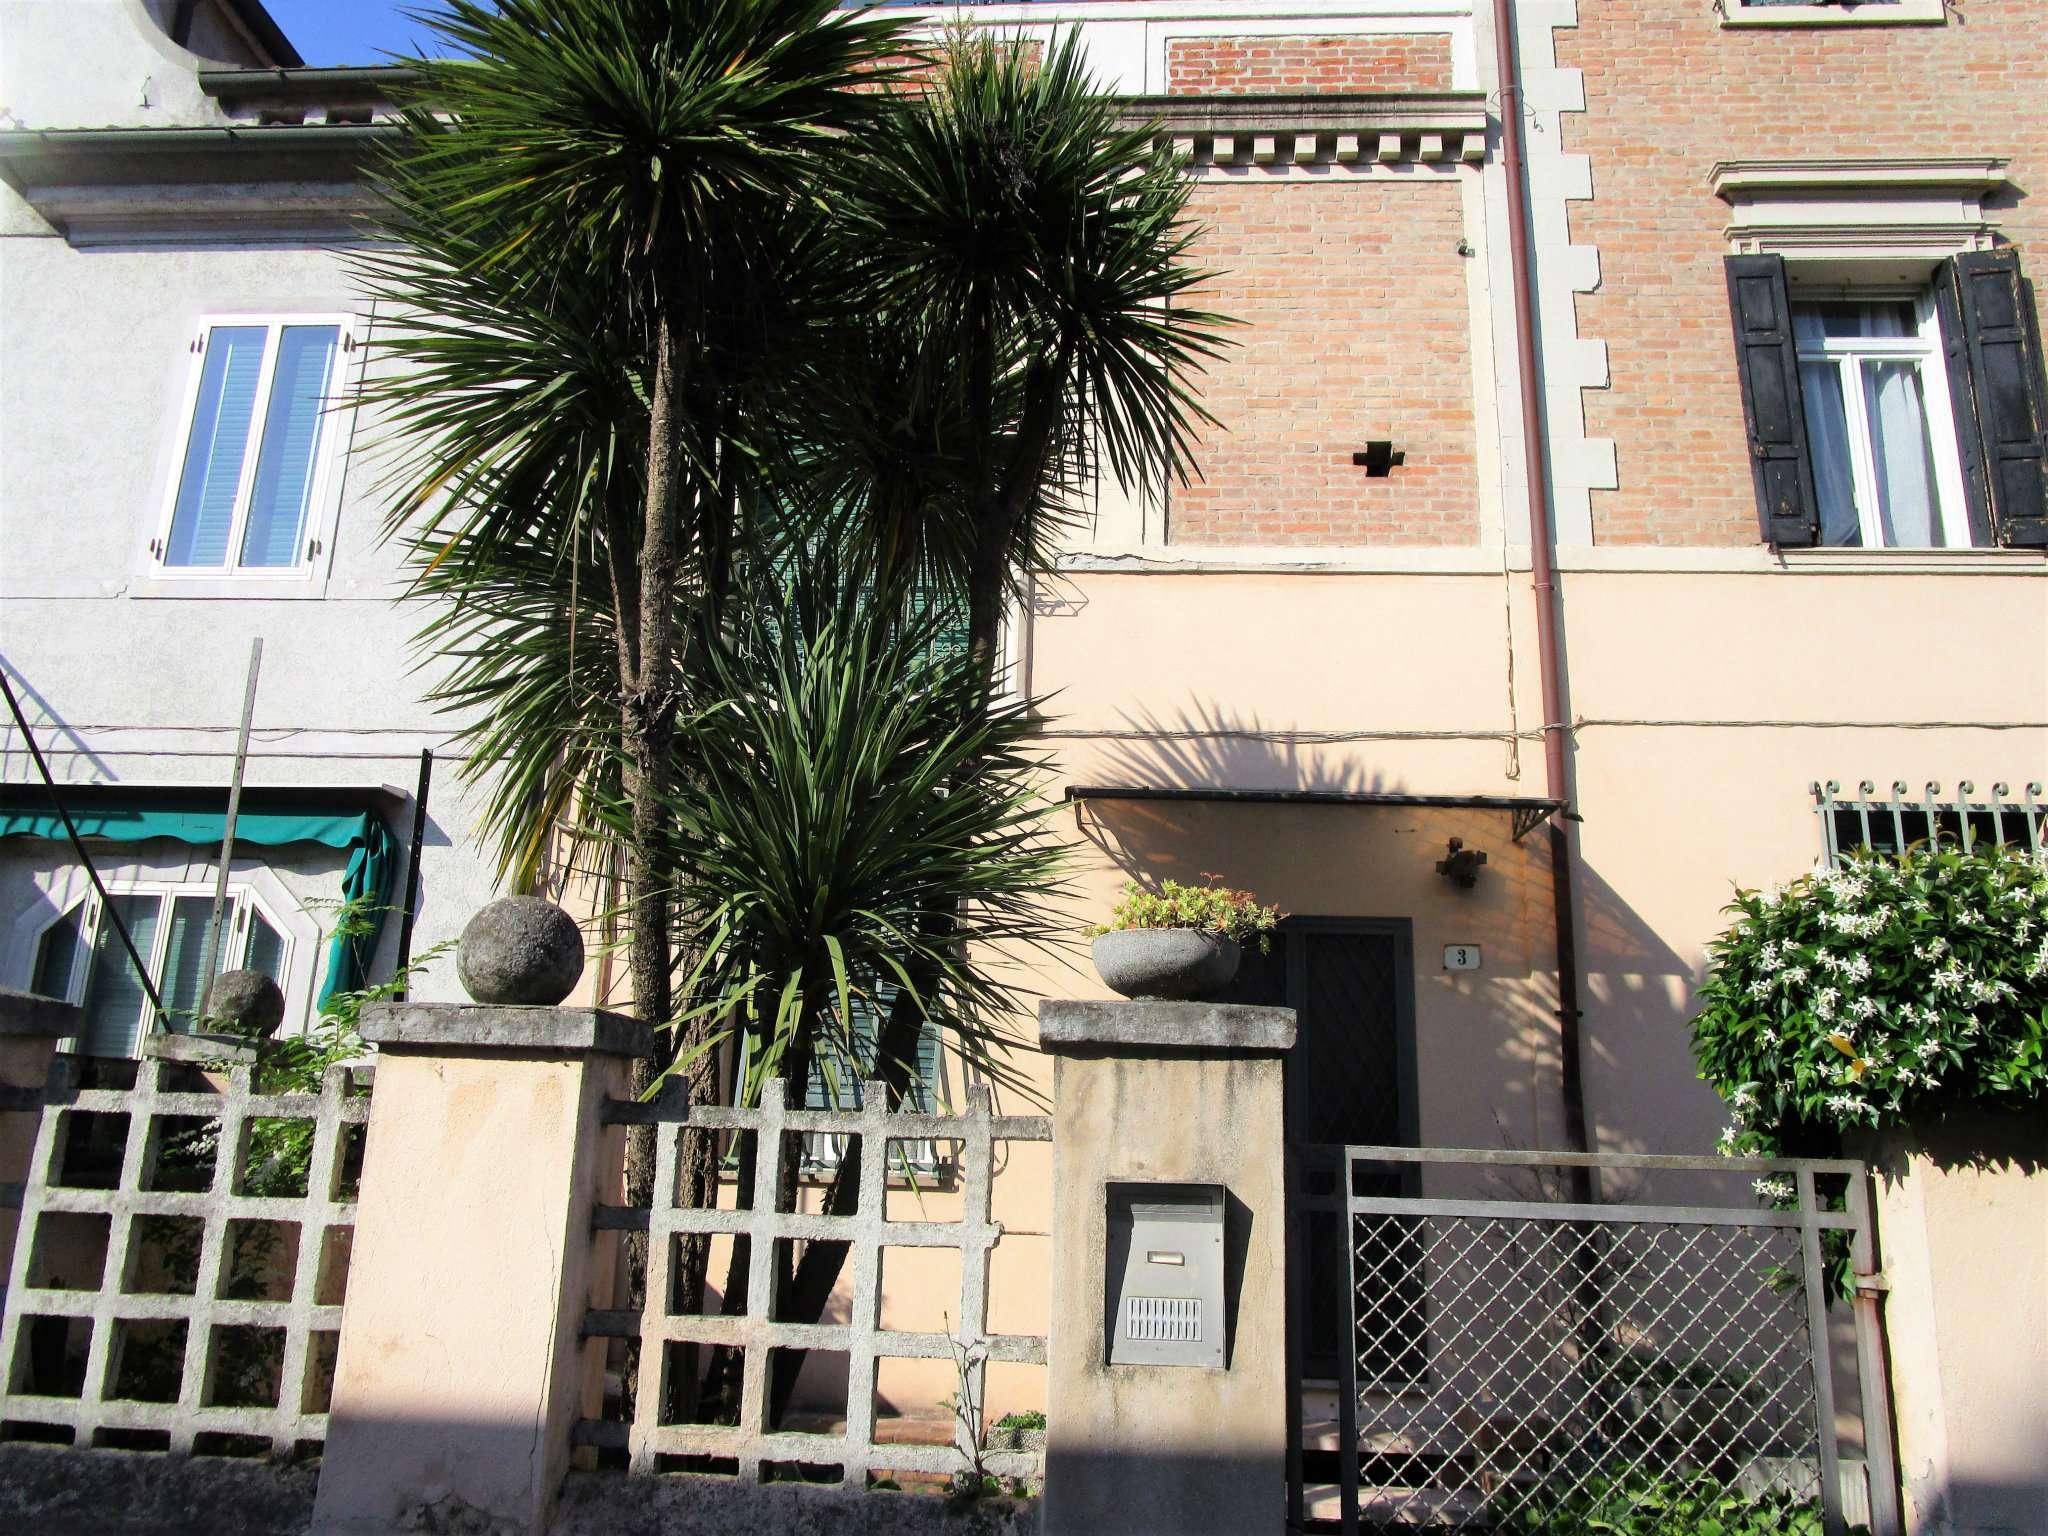 Soluzione Indipendente in vendita a Padova, 4 locali, zona Zona: 4 . Sud-Est (S.Croce-S. Osvaldo, Bassanello-Voltabarozzo), prezzo € 185.000 | Cambio Casa.it